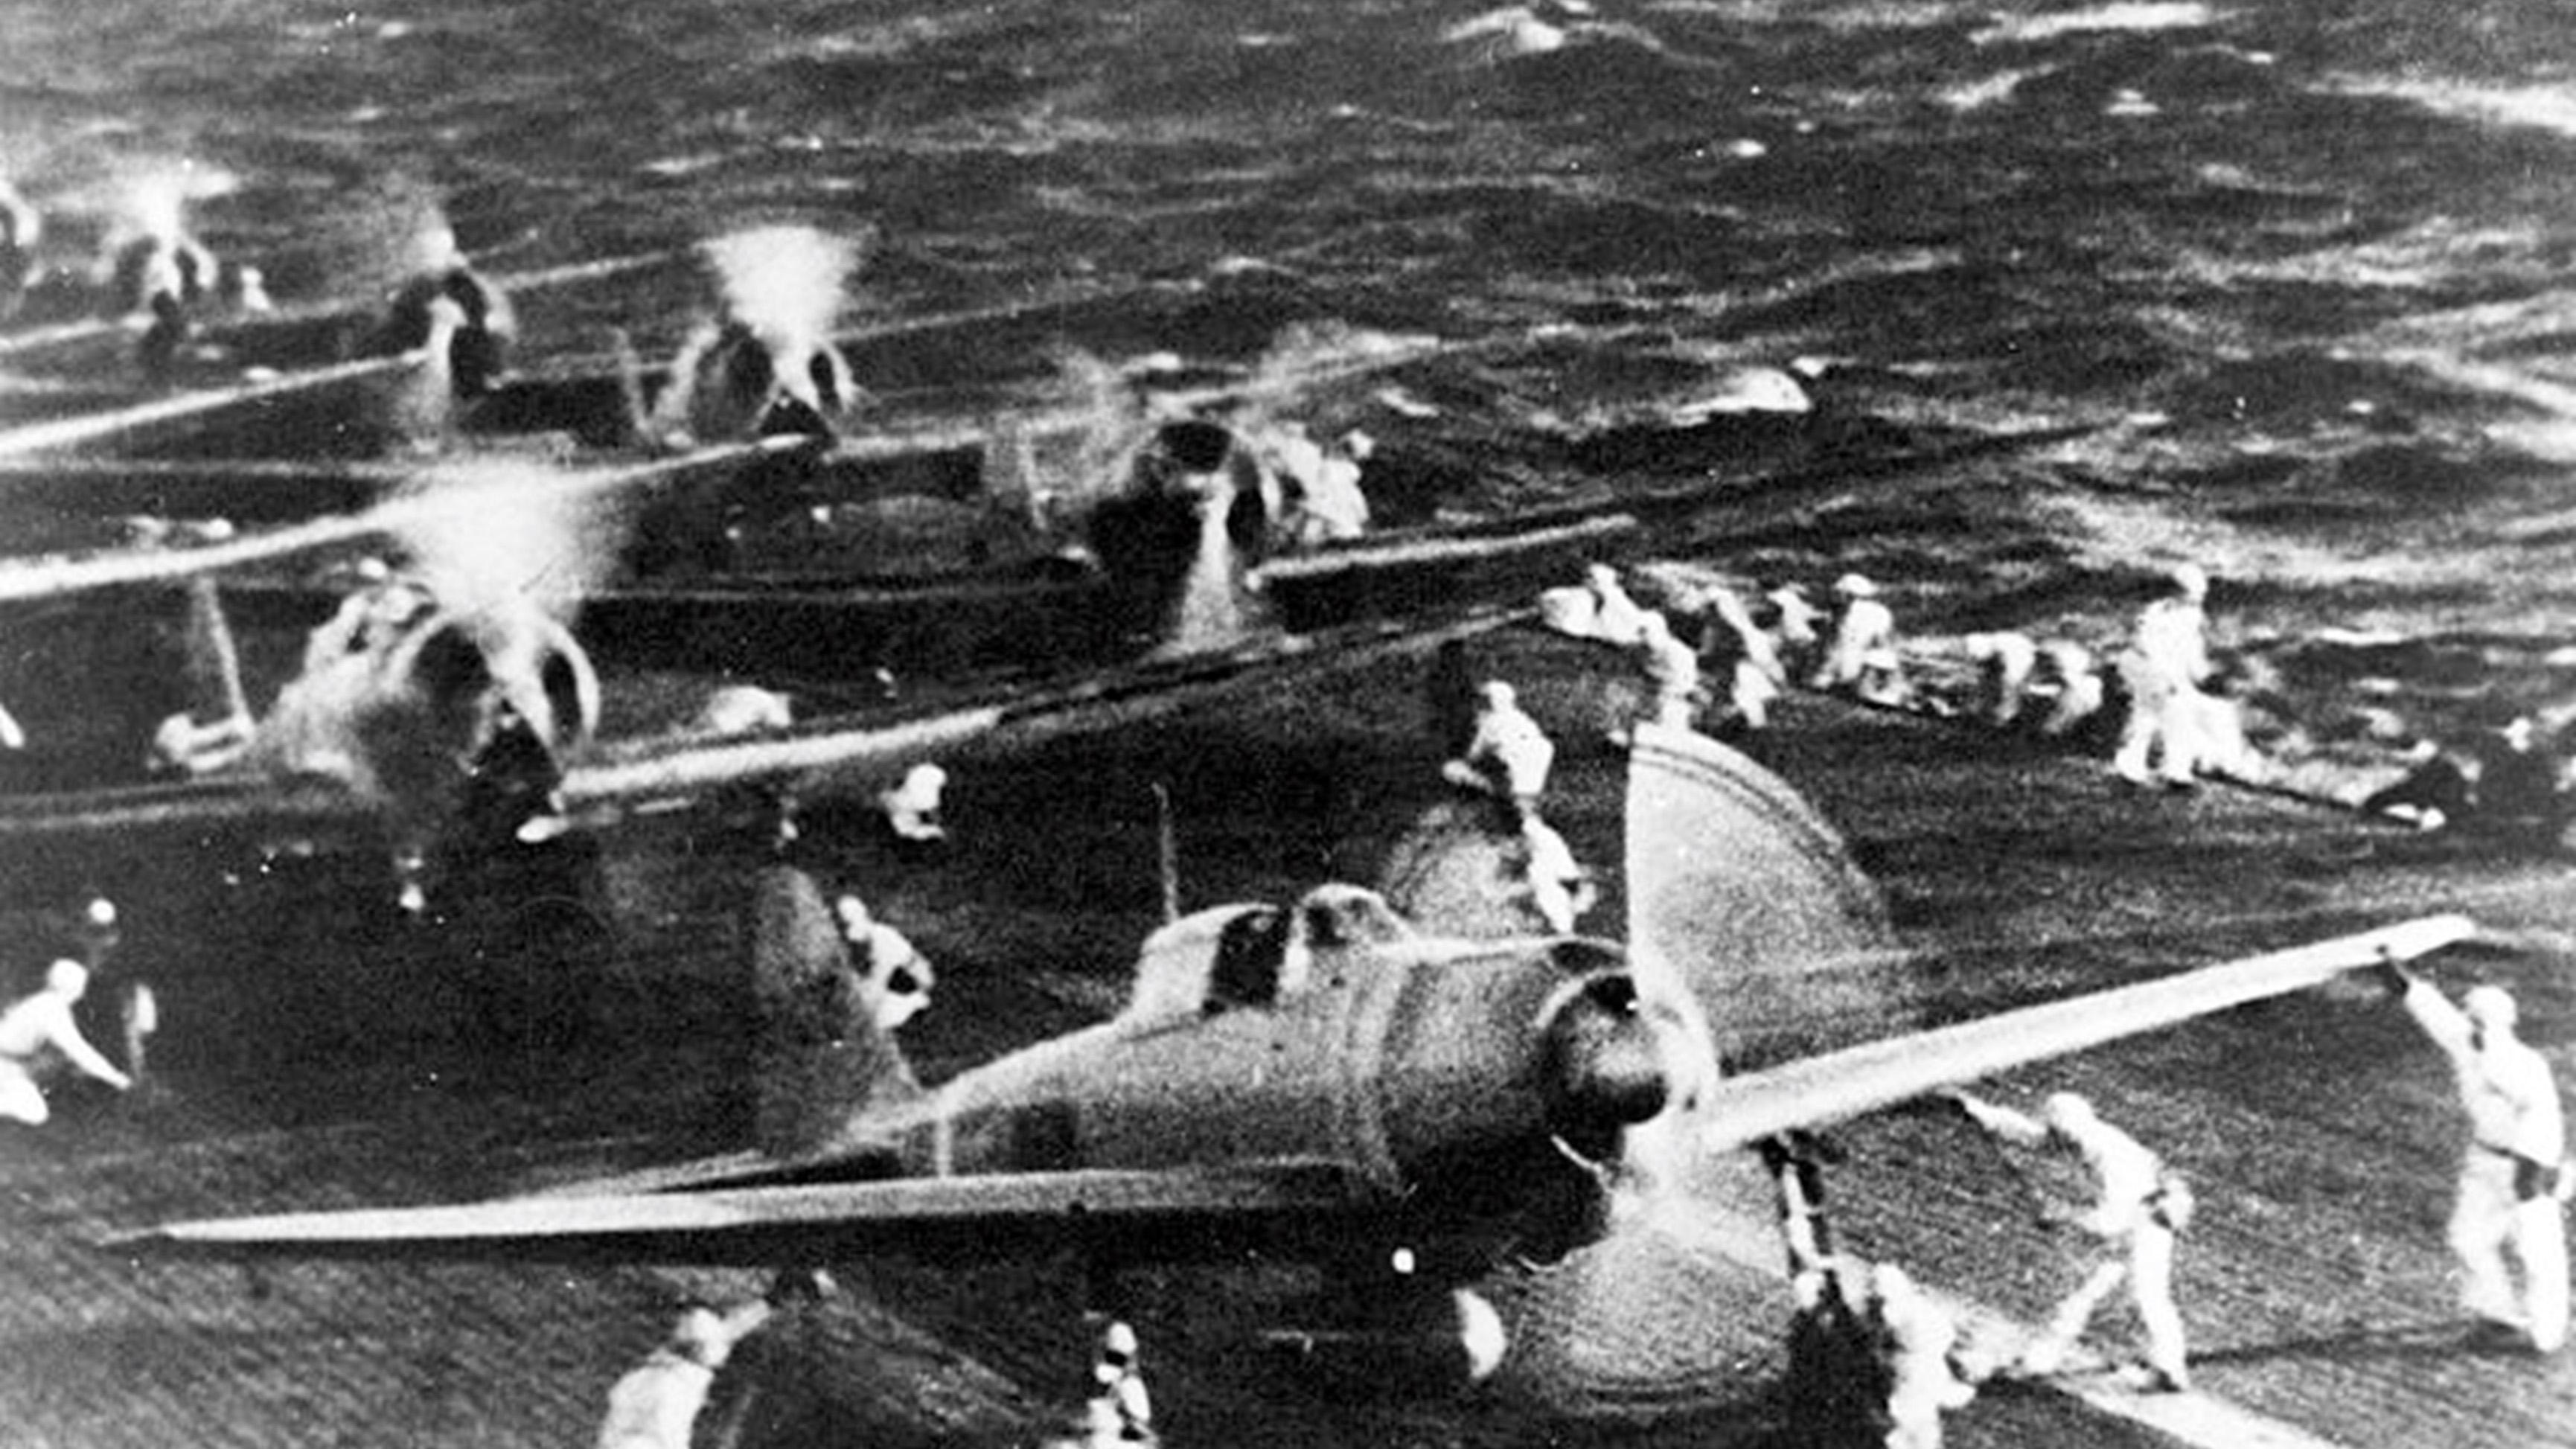 日本帝国海军零式战机从航空母舰甲板起飞,任务是攻击美国舰队,没有思考占领空域。(维基百科)